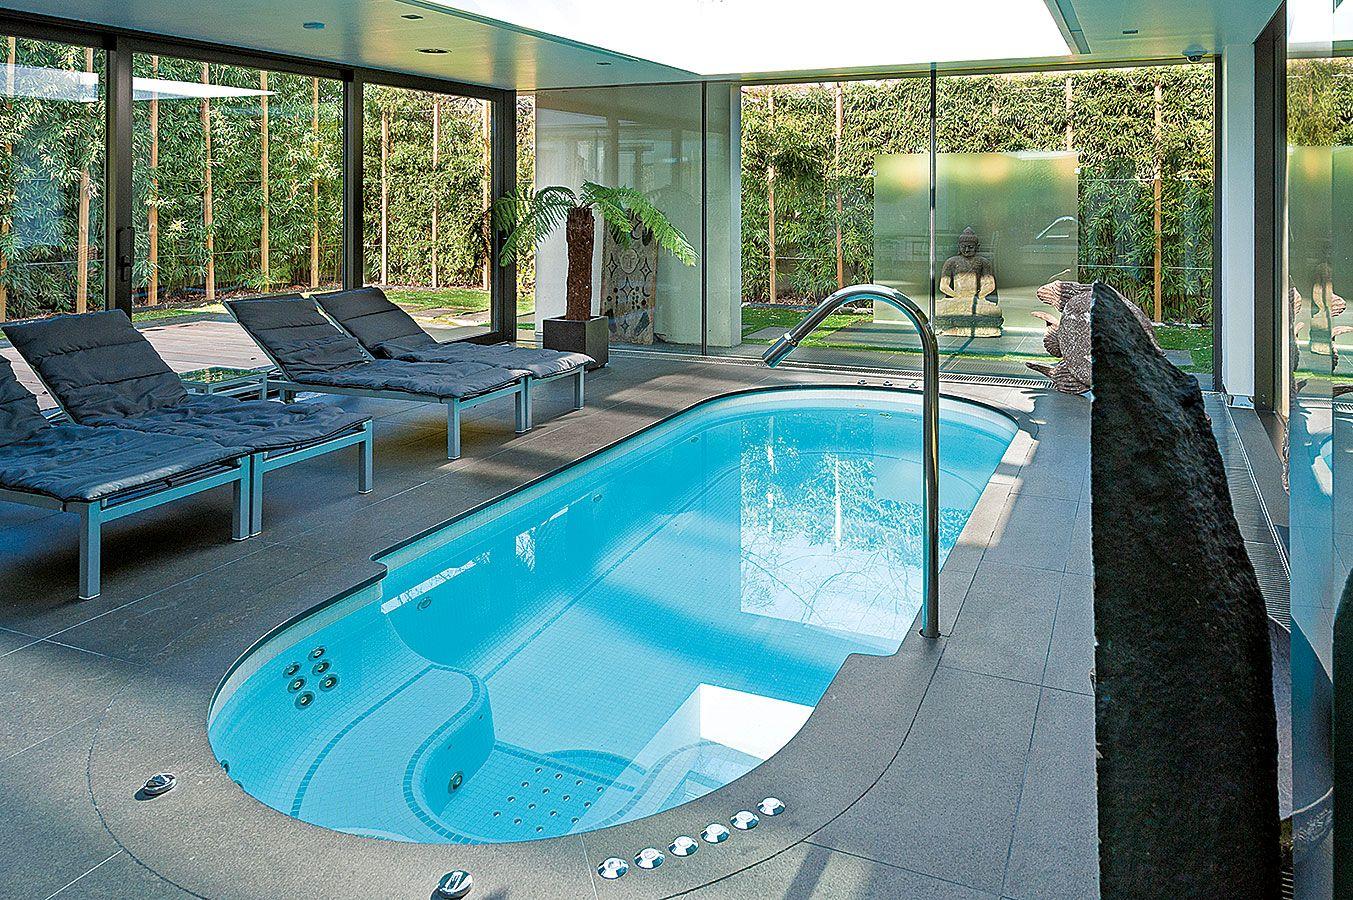 clair azur spa de nage conjuguant hydroth rapie et. Black Bedroom Furniture Sets. Home Design Ideas